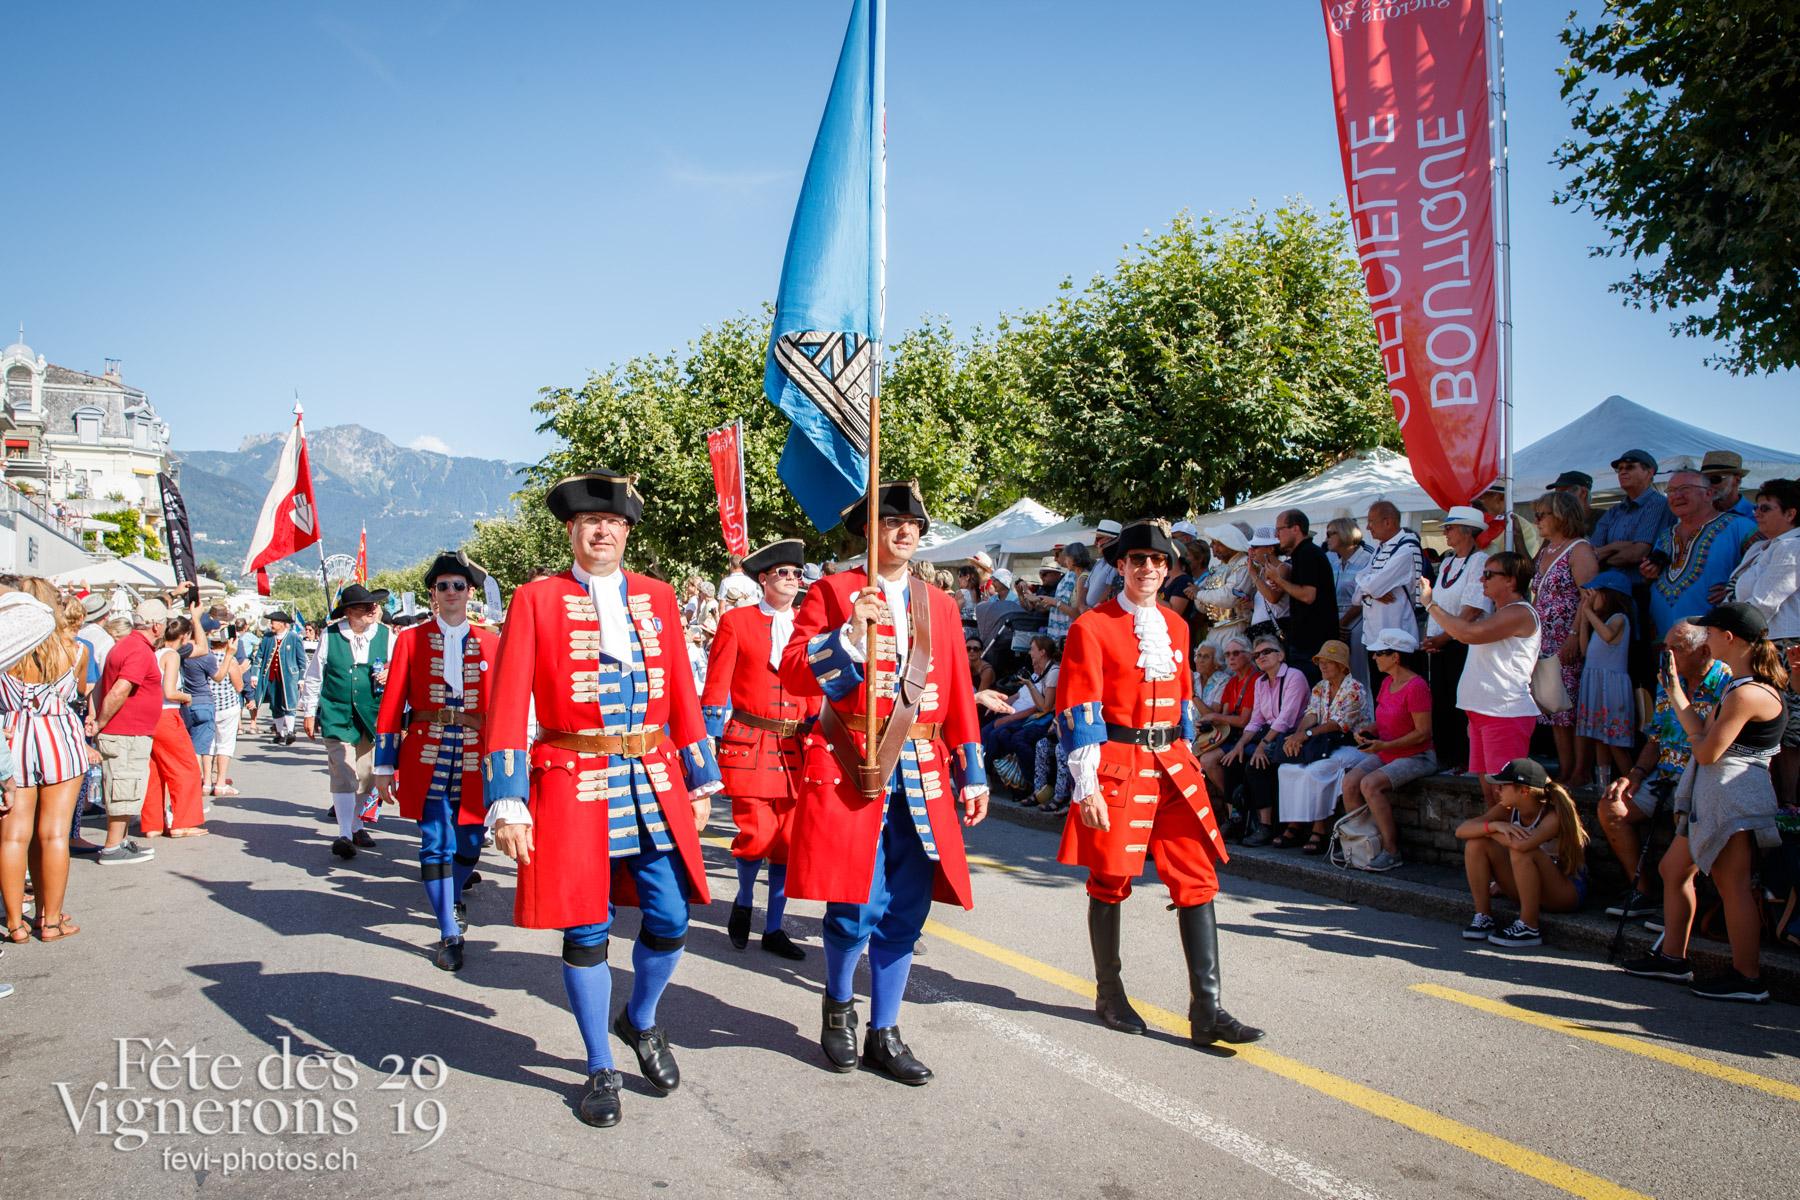 Journée cantonale, Zürich - Journées cantonales, Zürich, cortège, journee-cantonale-zurich. Photographes de la Fête des Vignerons 2019